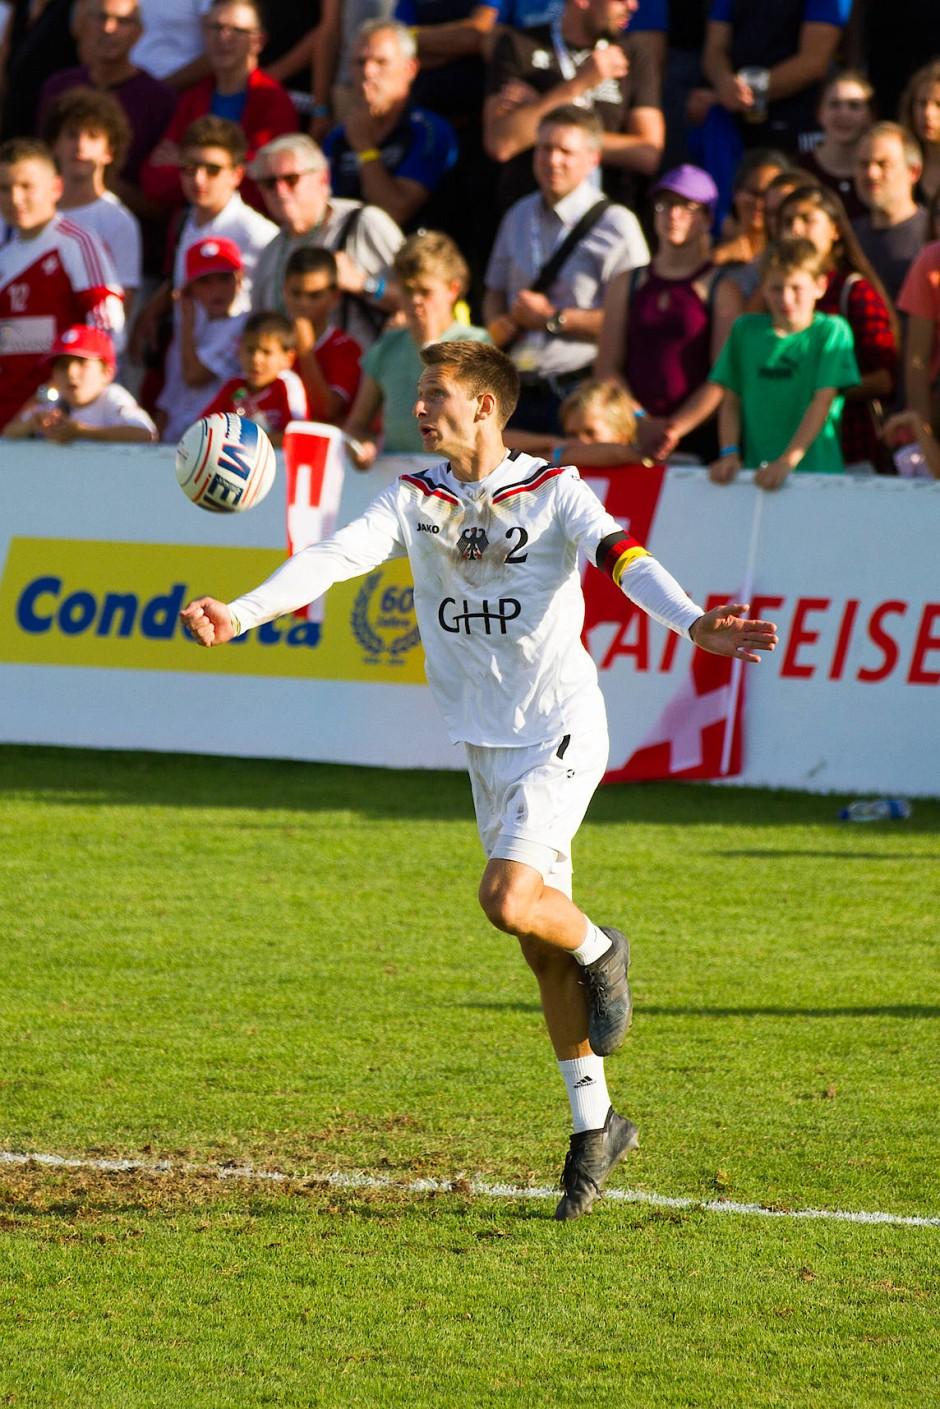 Der Faustball-Spieler: Fabian Sagstetter ist Kapitän der deutschen Nationalmannschaft.